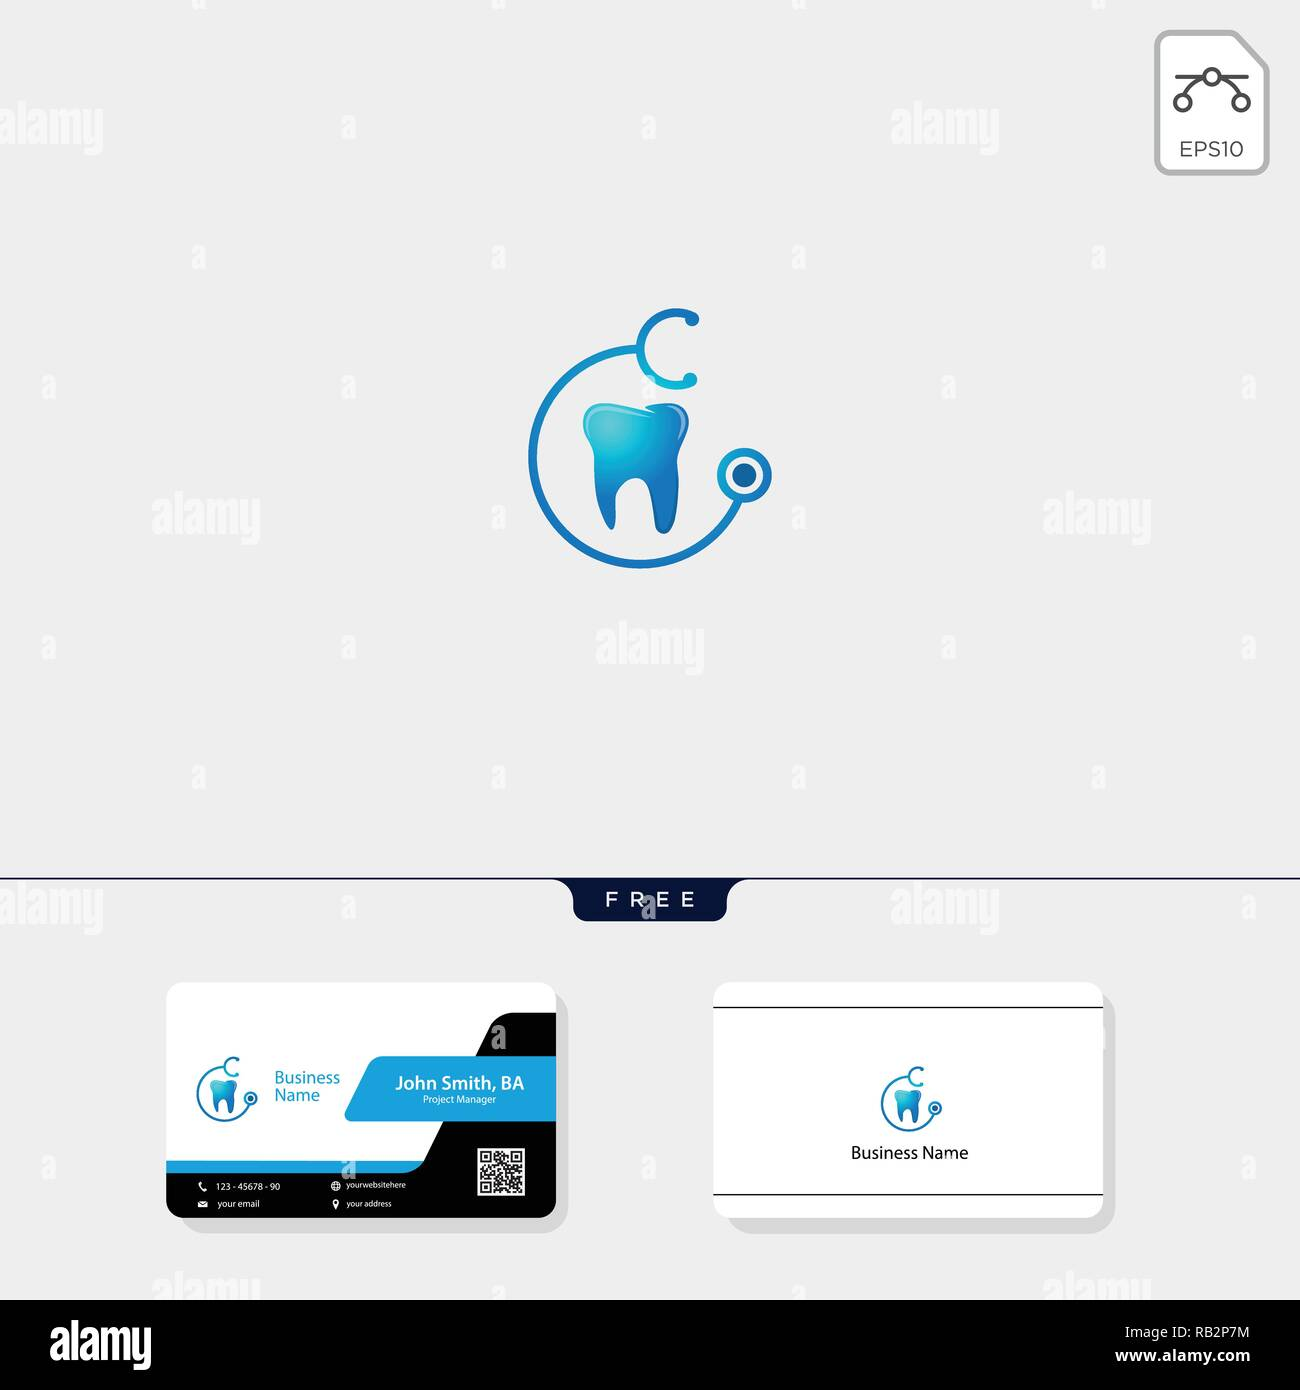 Icone Dentaire Modele Logo Illustration Vectorielle De Conception Carte Visite Gratuit